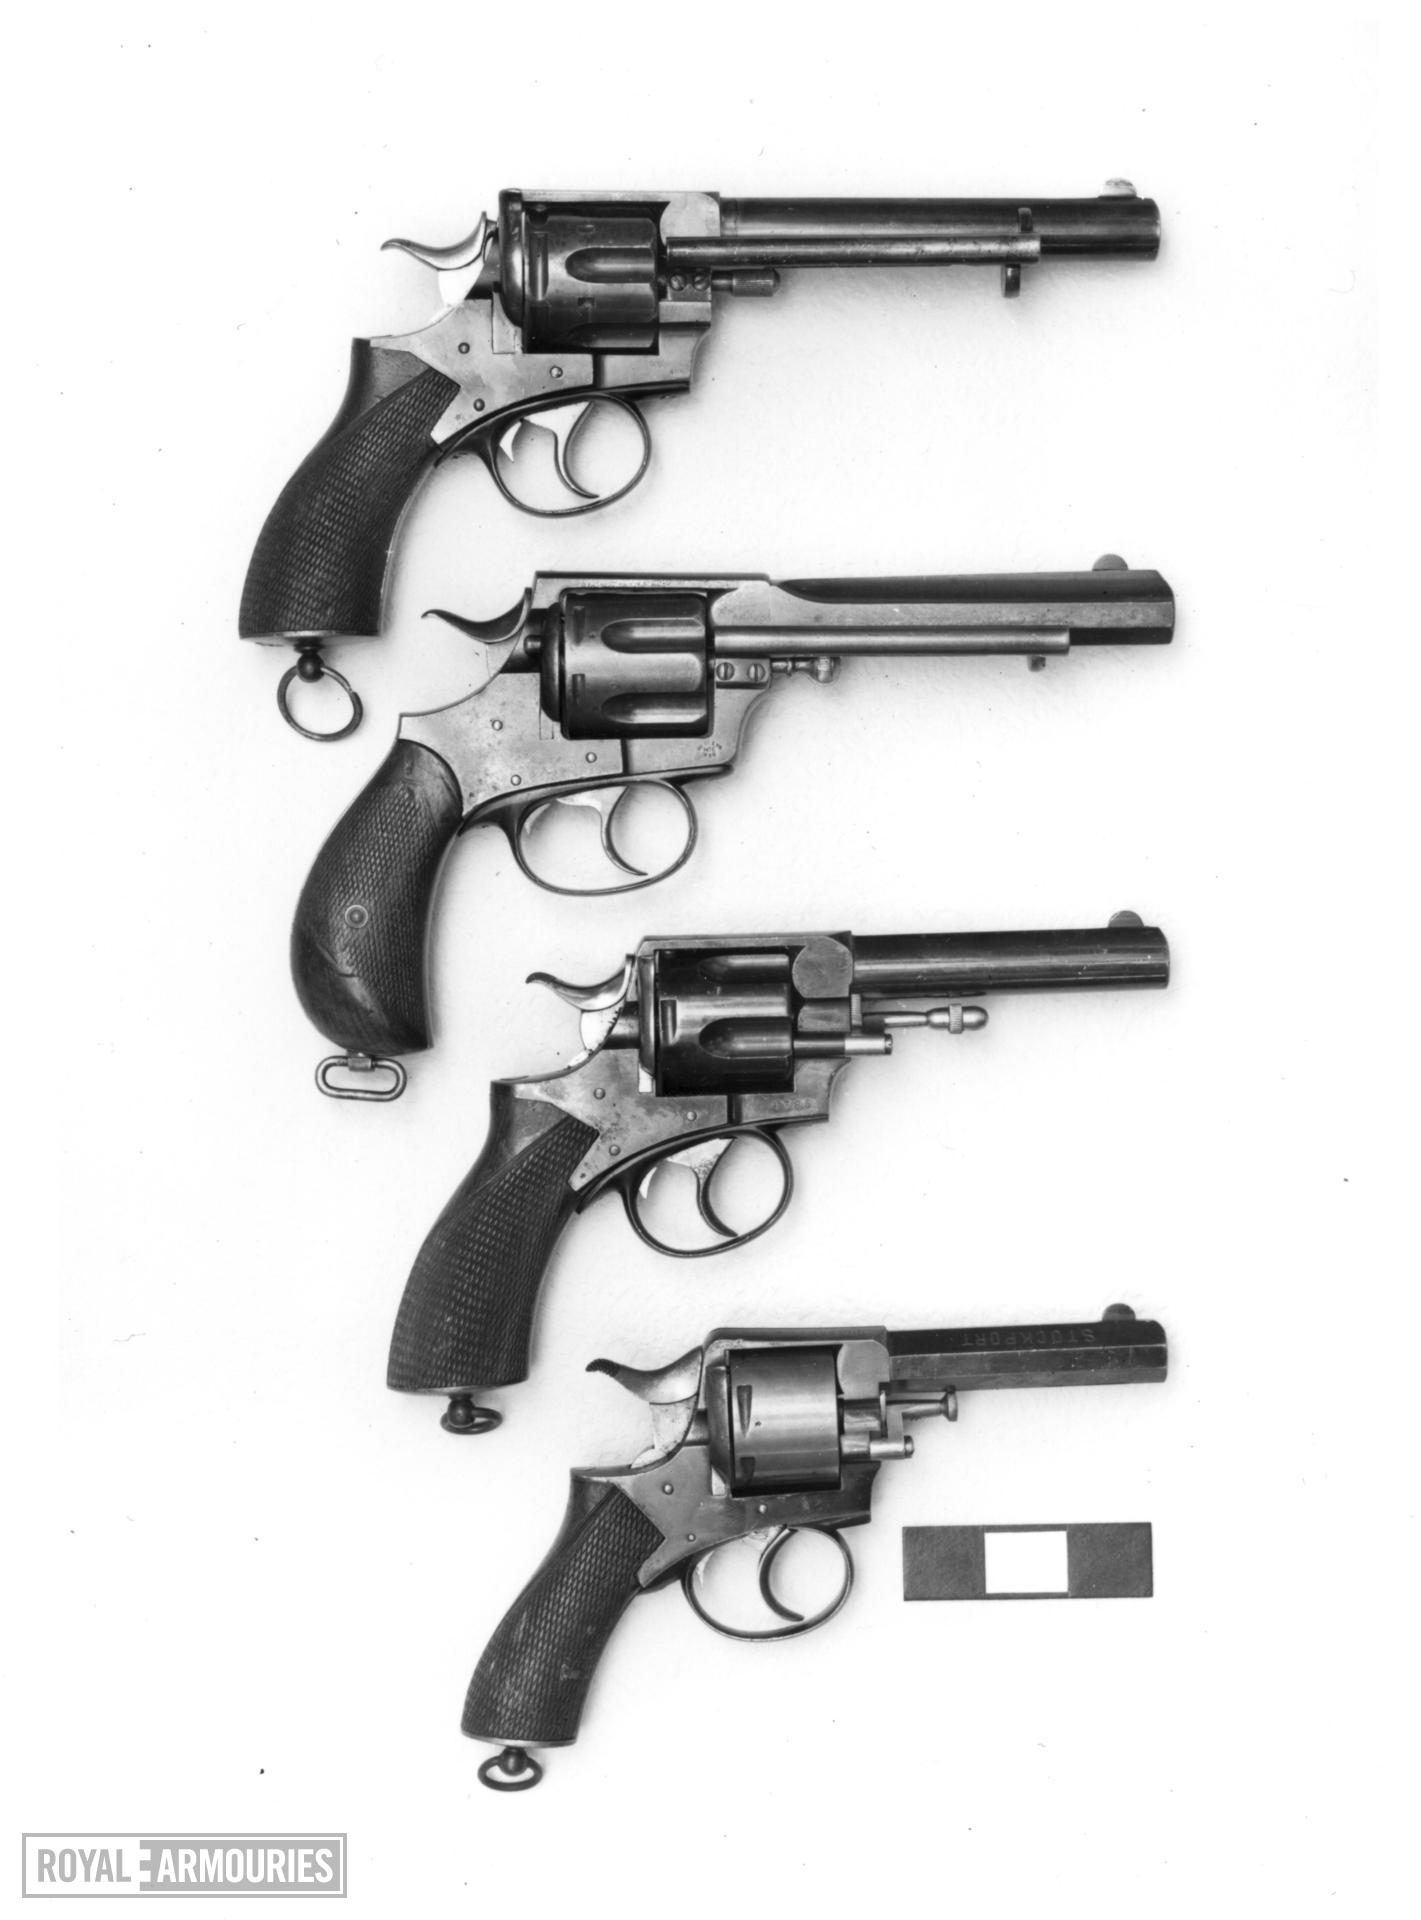 Centrefire six-shot revolver - Webley R.I.C. No. 1 New Model